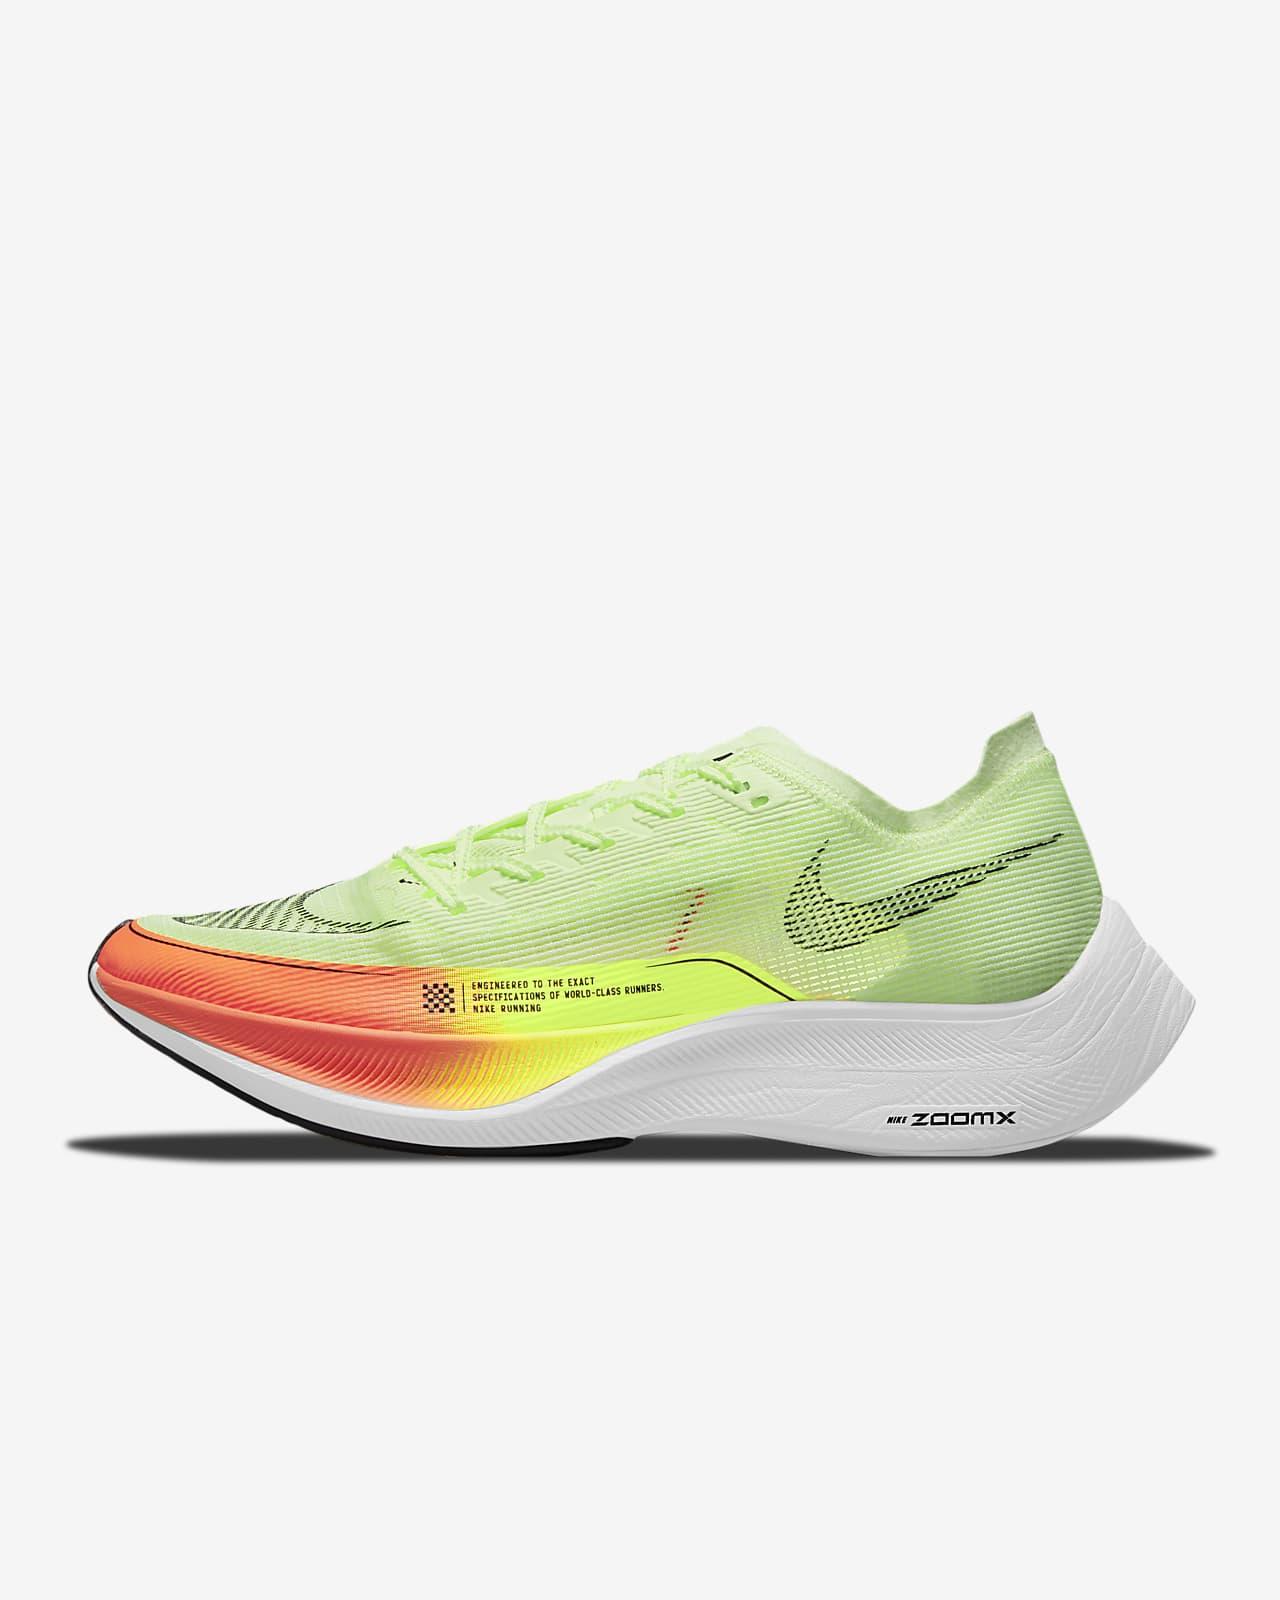 Sapatilhas de competição para estrada Nike ZoomX Vaporfly Next% 2 para homem